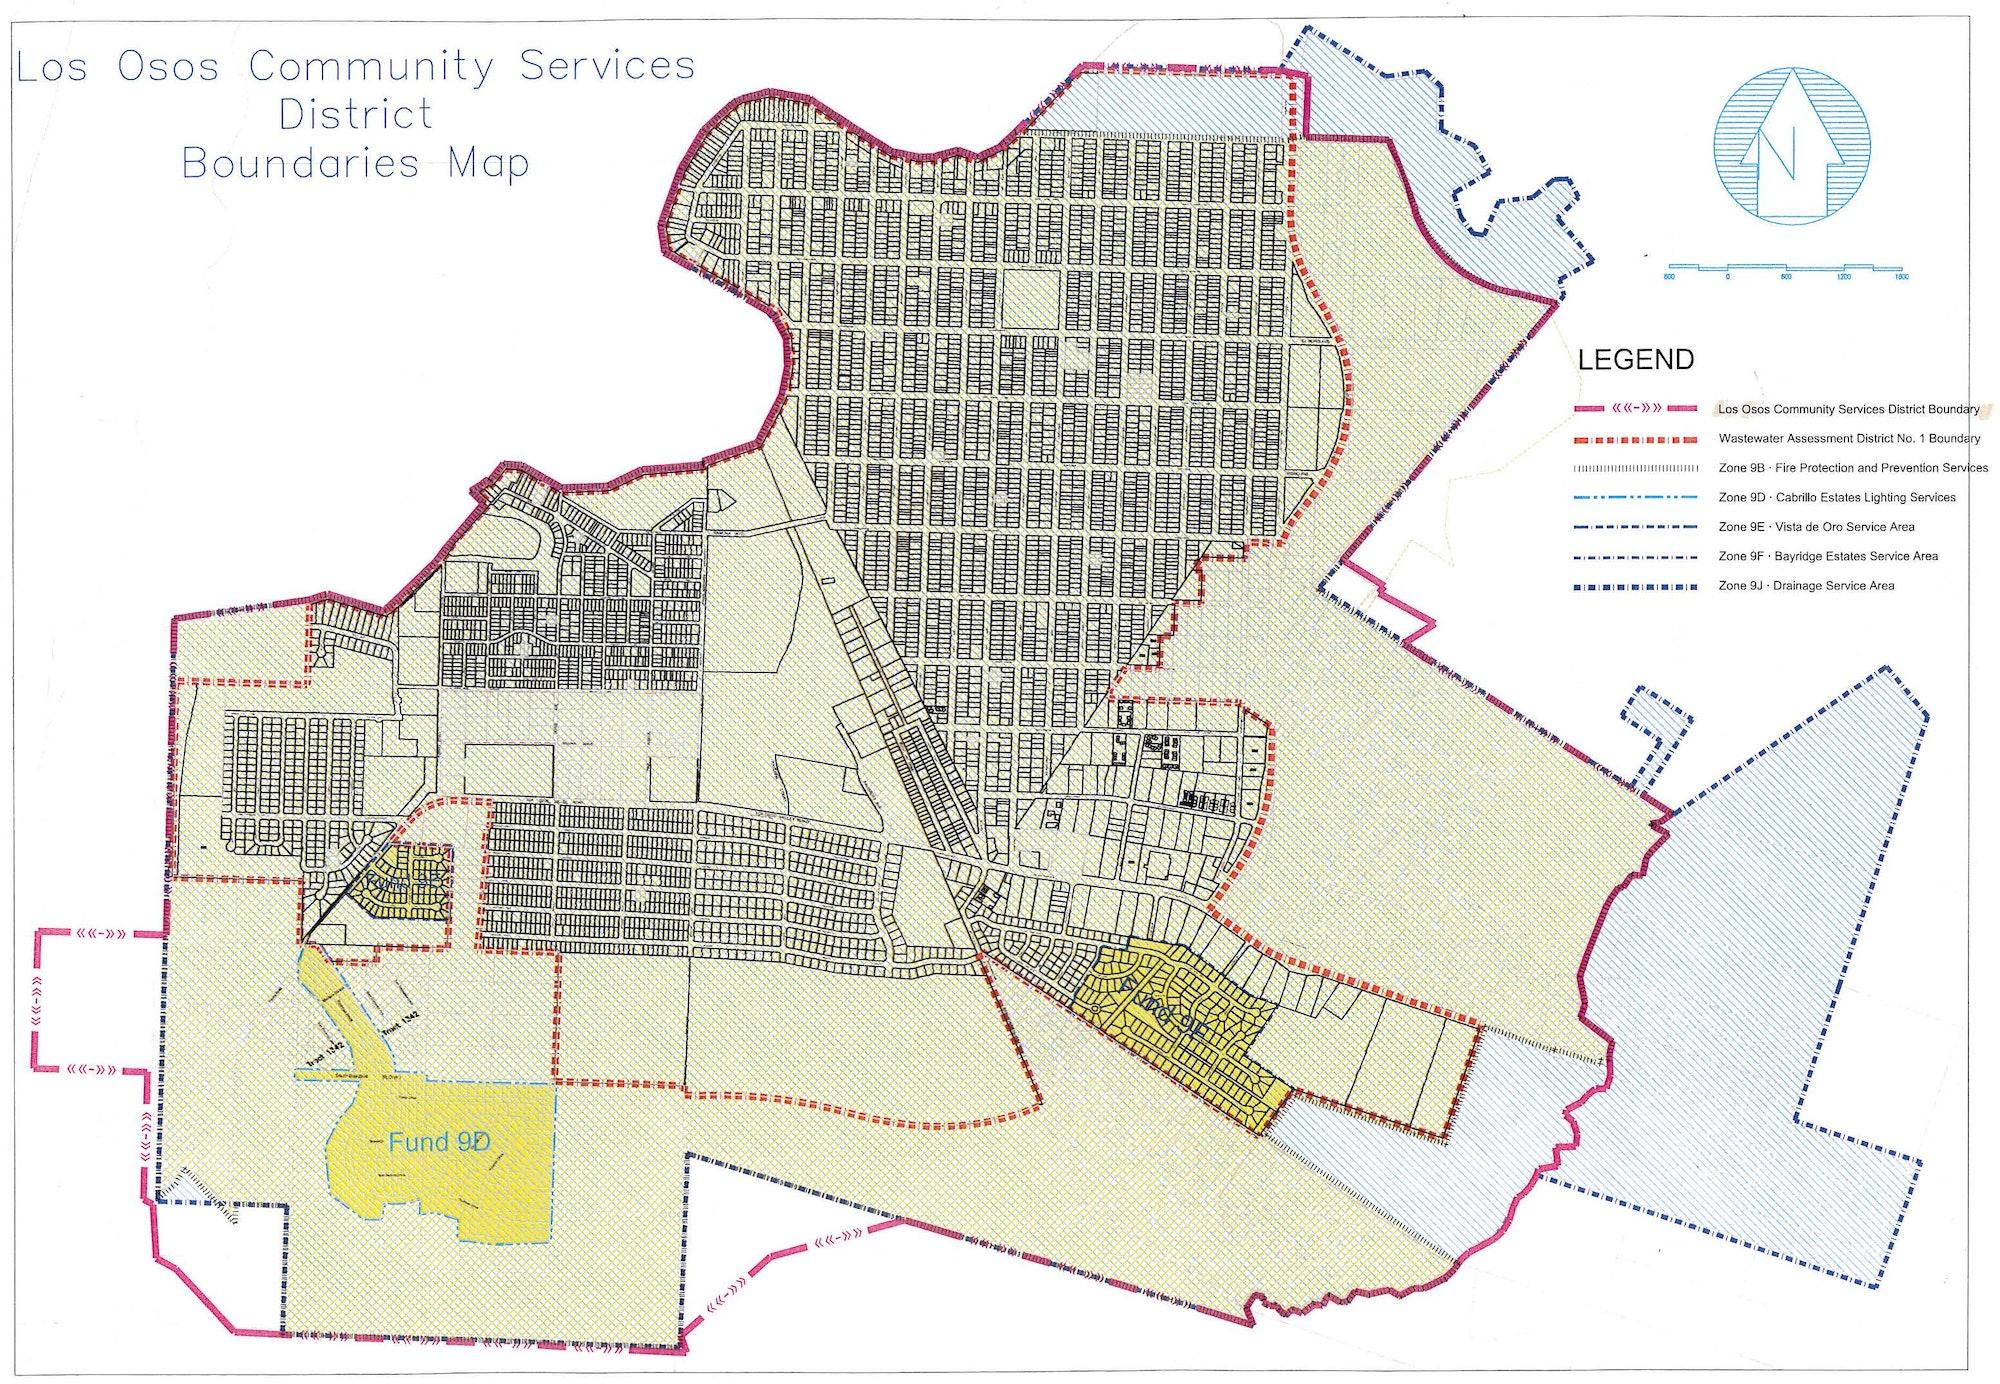 May contain: plot and diagram, Los Osos Boundaries Map